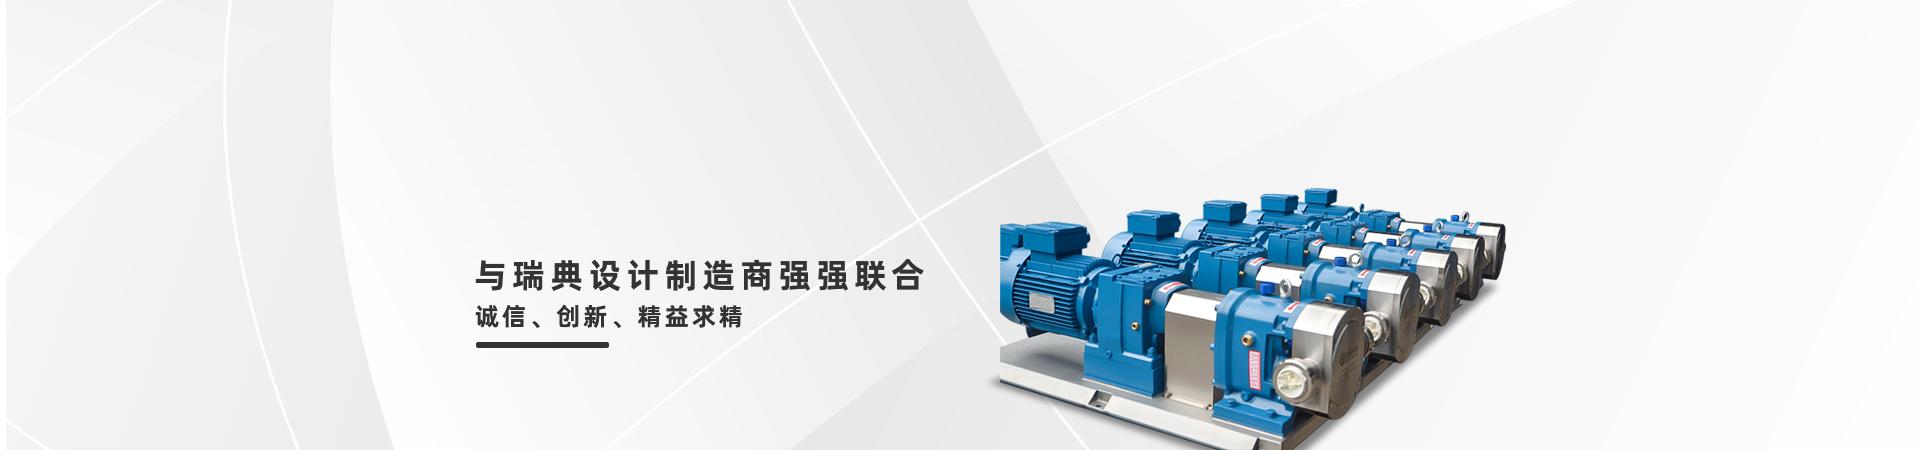 凸轮式双转子泵